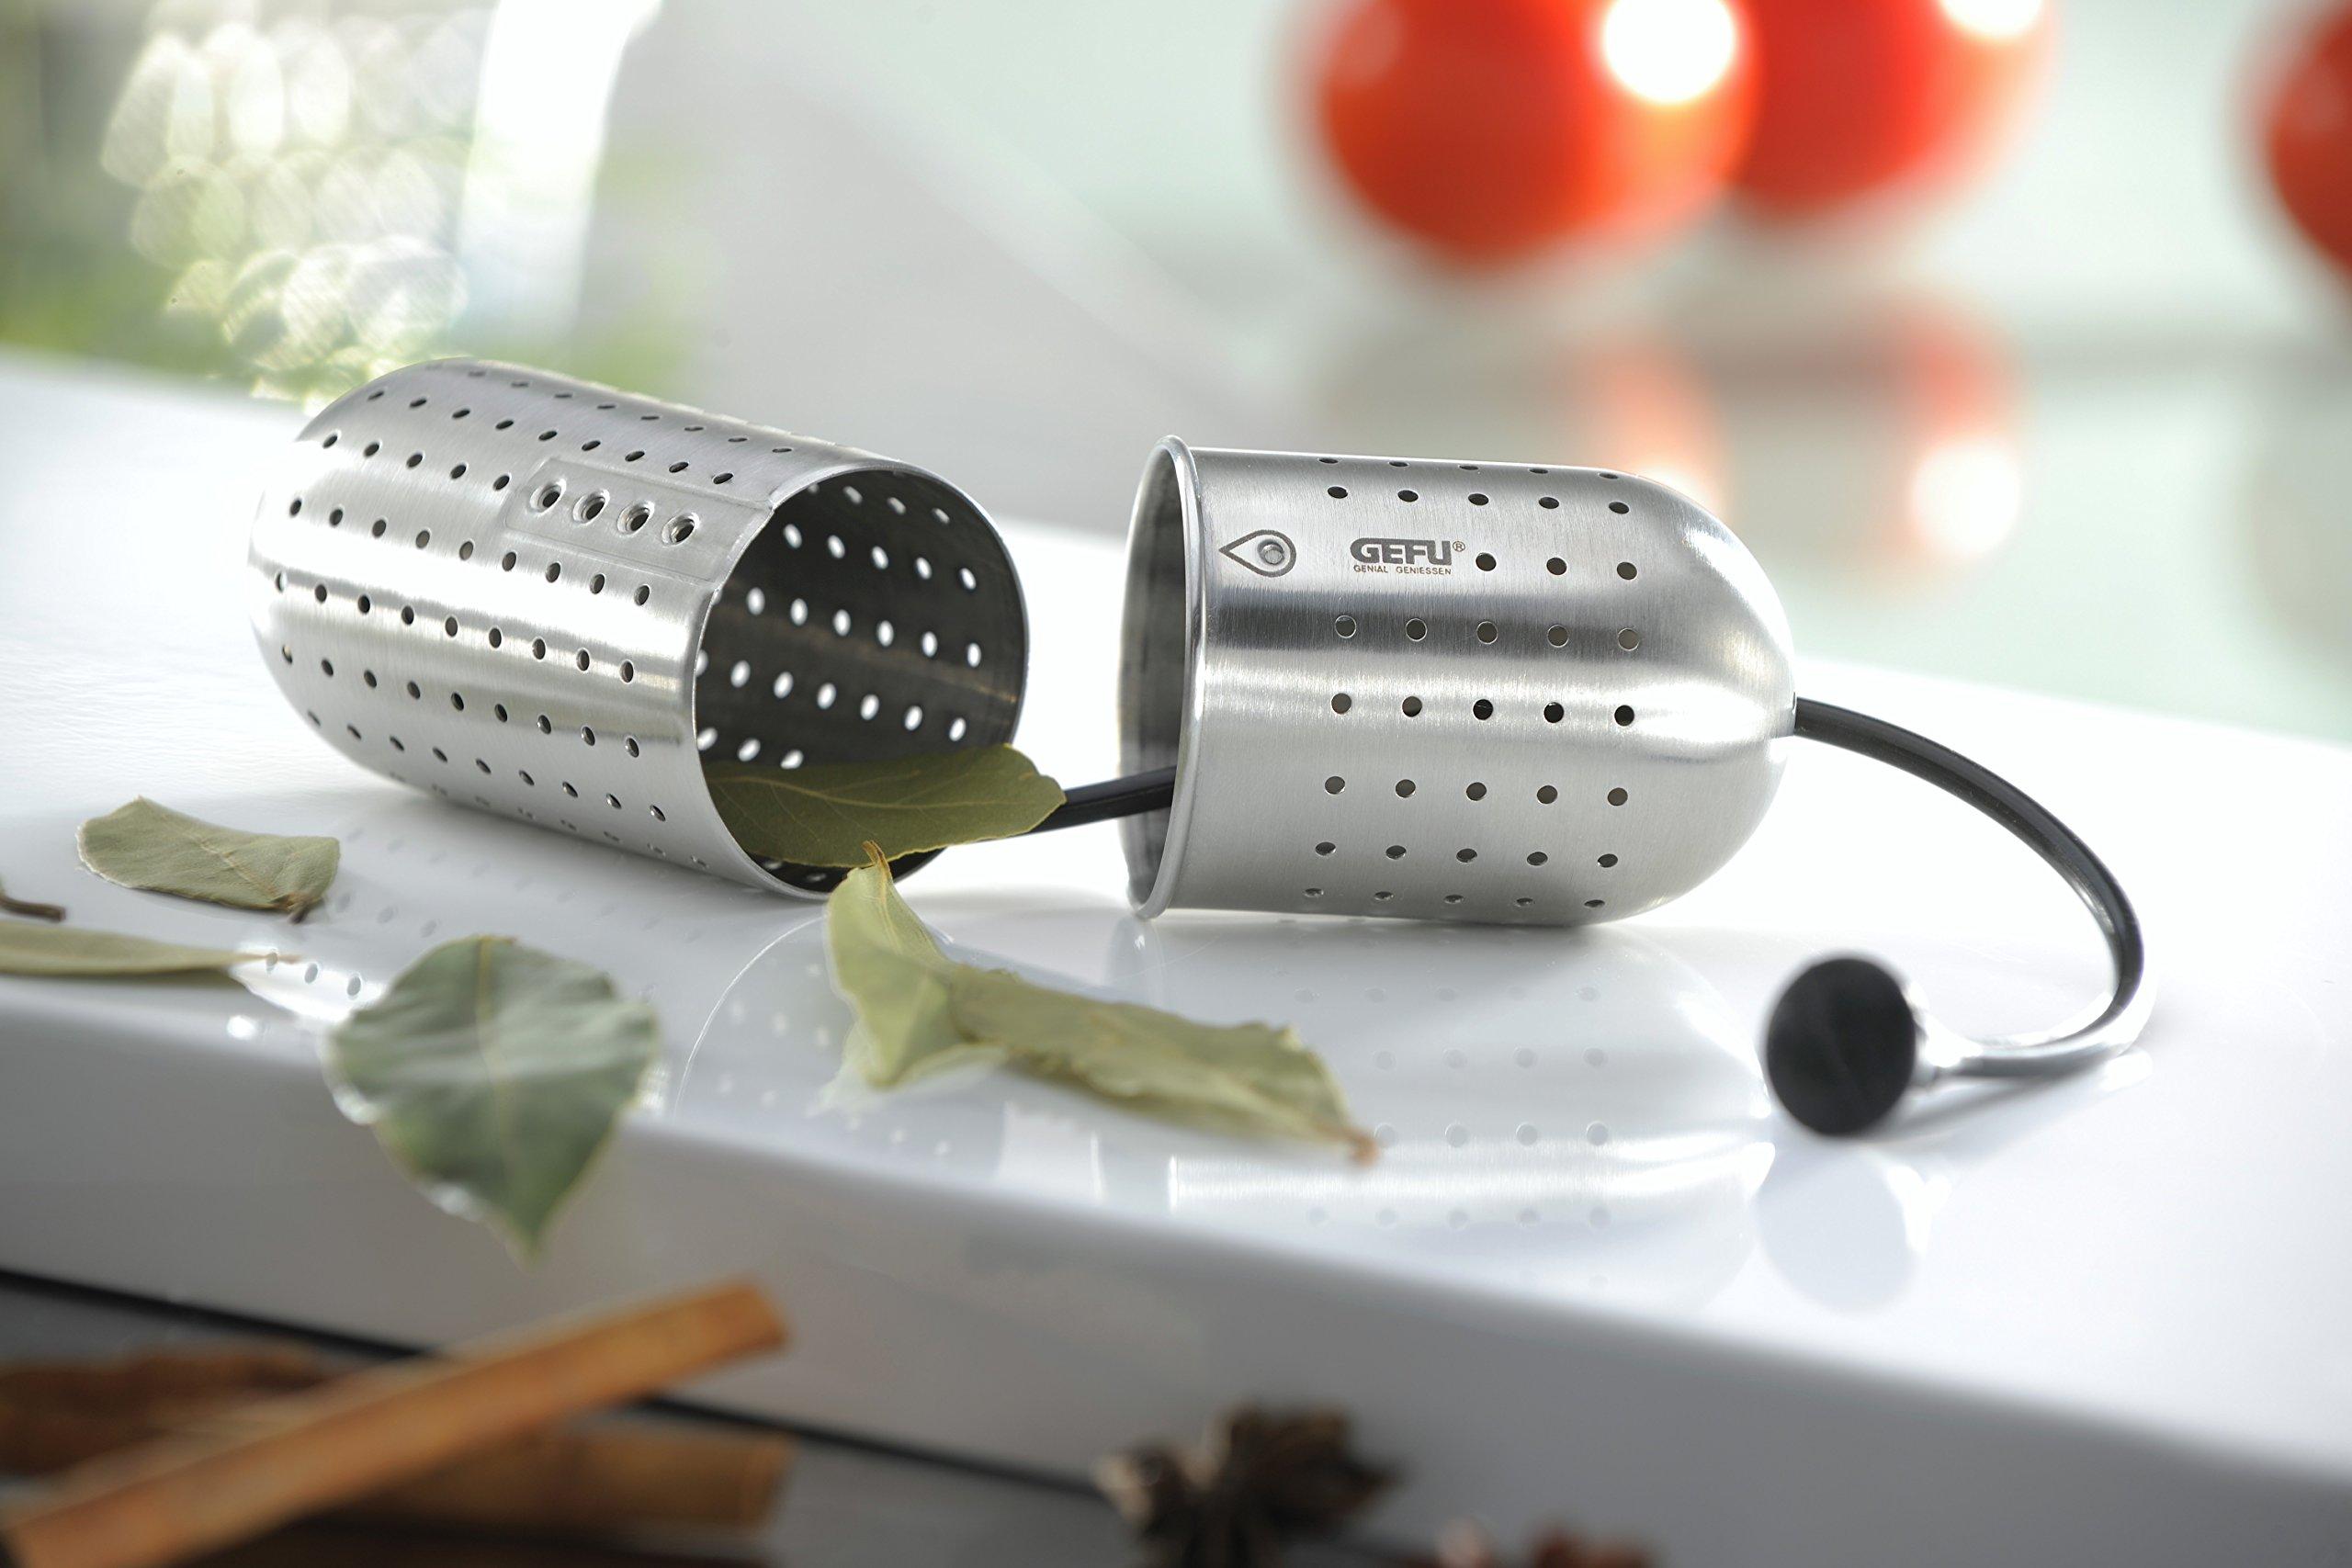 GEFU Gusto Adjustable Stainless Steel Tea & Spice Infuser/Strainer